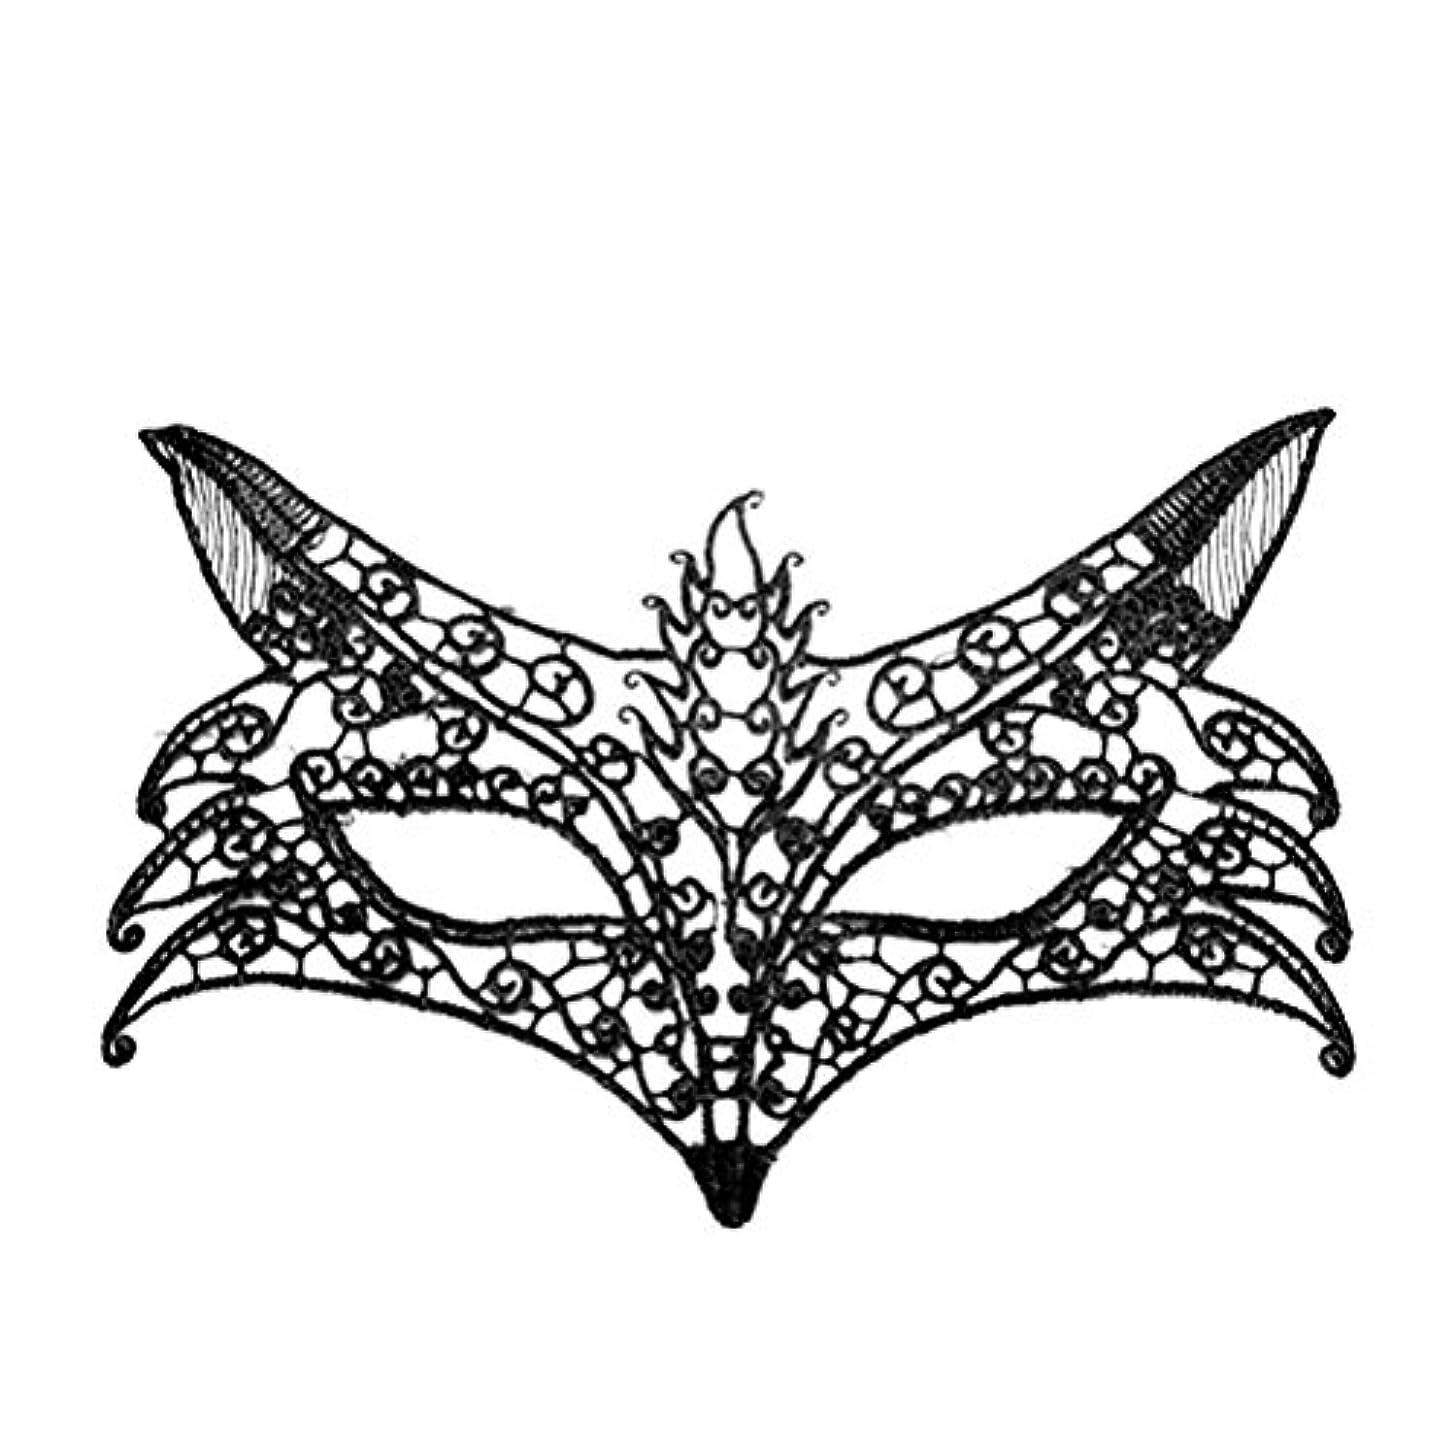 テメリティに沿って離すAMOSFUN キツネの形をしたレースパーティーマスクイブニングパーティーウエディングマスカレードマスク(ブラック)